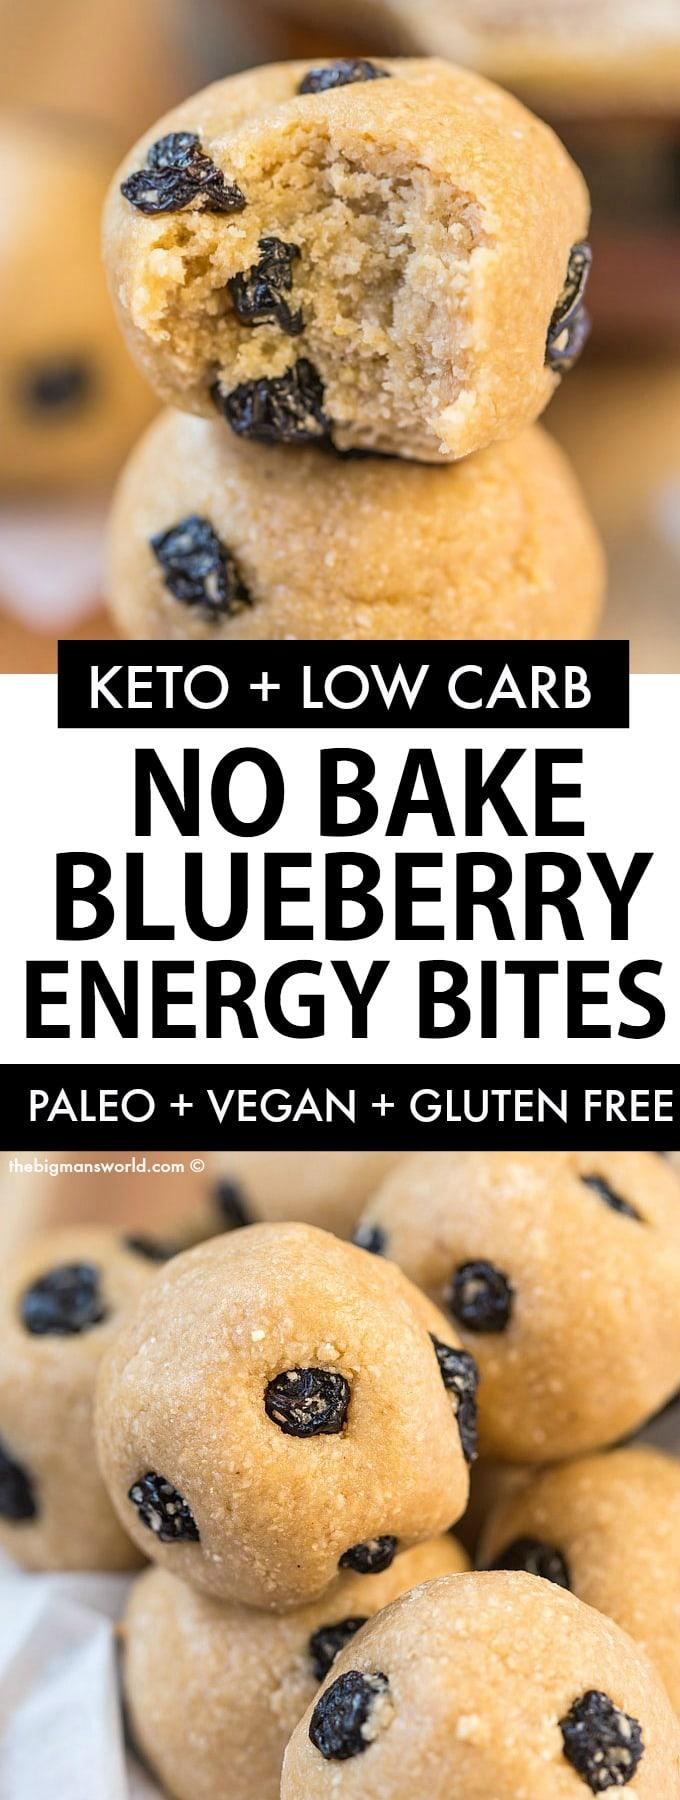 Keto Vegan Blueberry Energy Bites that taste like a blueberry muffin